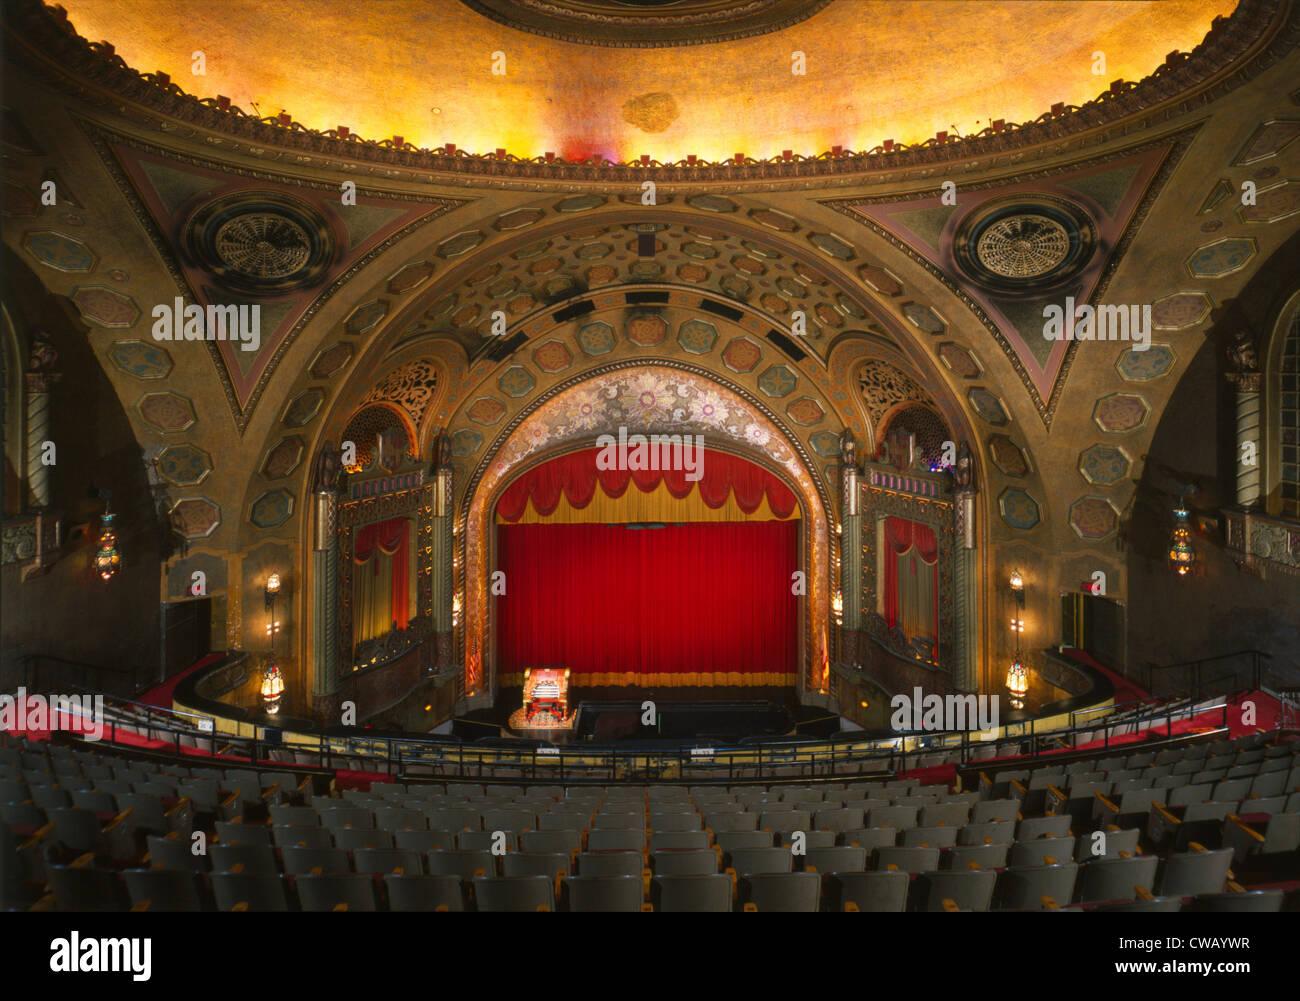 Die Alabama Theater, Birmingham, Alabama, errichtet 1927 Foto ca. 1990er Jahre. Stockbild